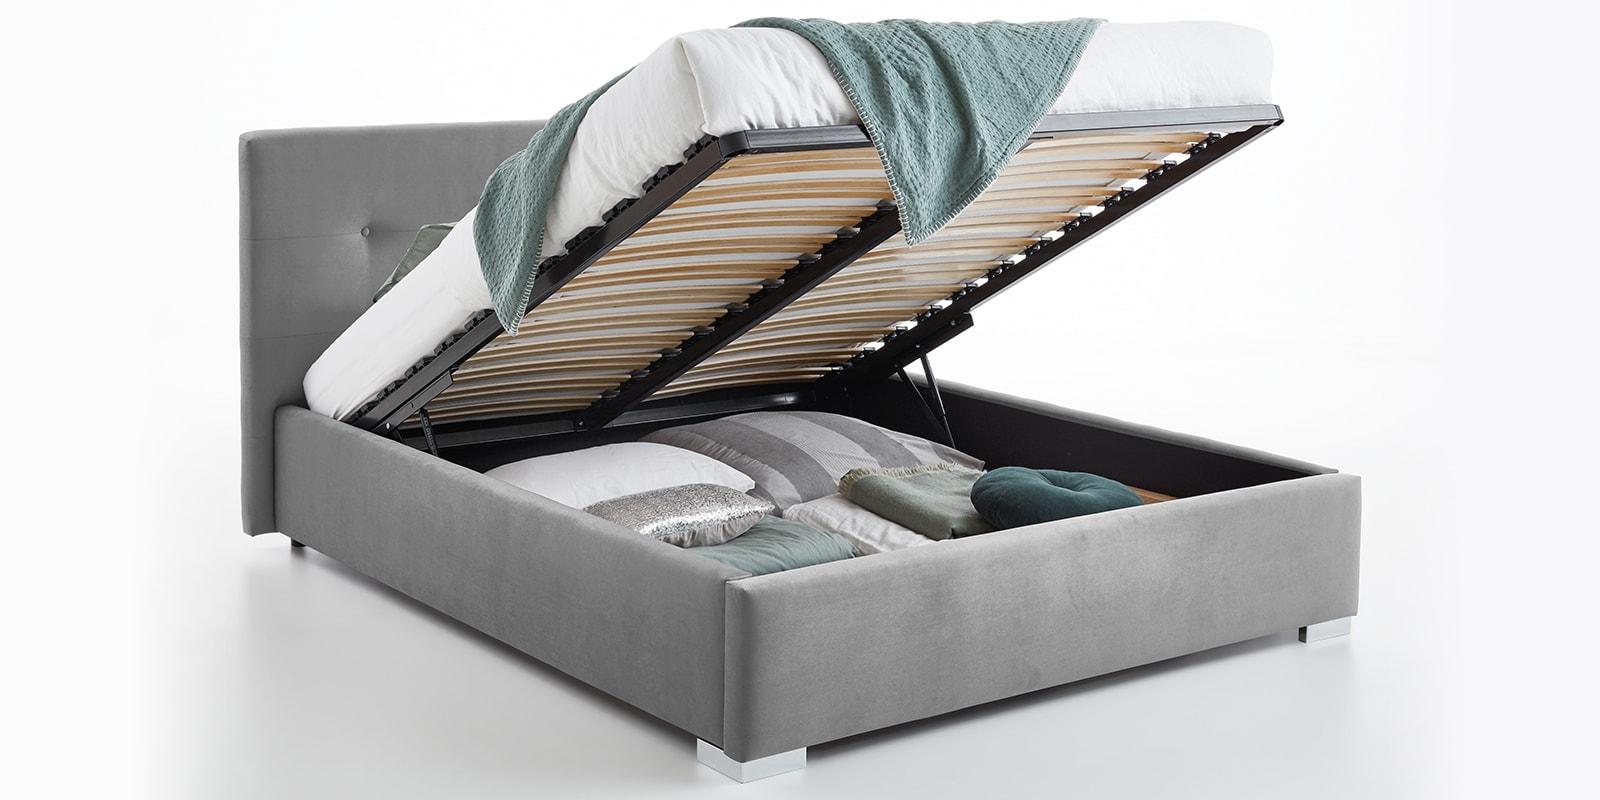 Moebella24 - Bett - mit - Bettkasten - Betty - Samt - Grau - Stauraum - Kopfteil - mit - Knopfheftung - Bettkasten - Geöffnet